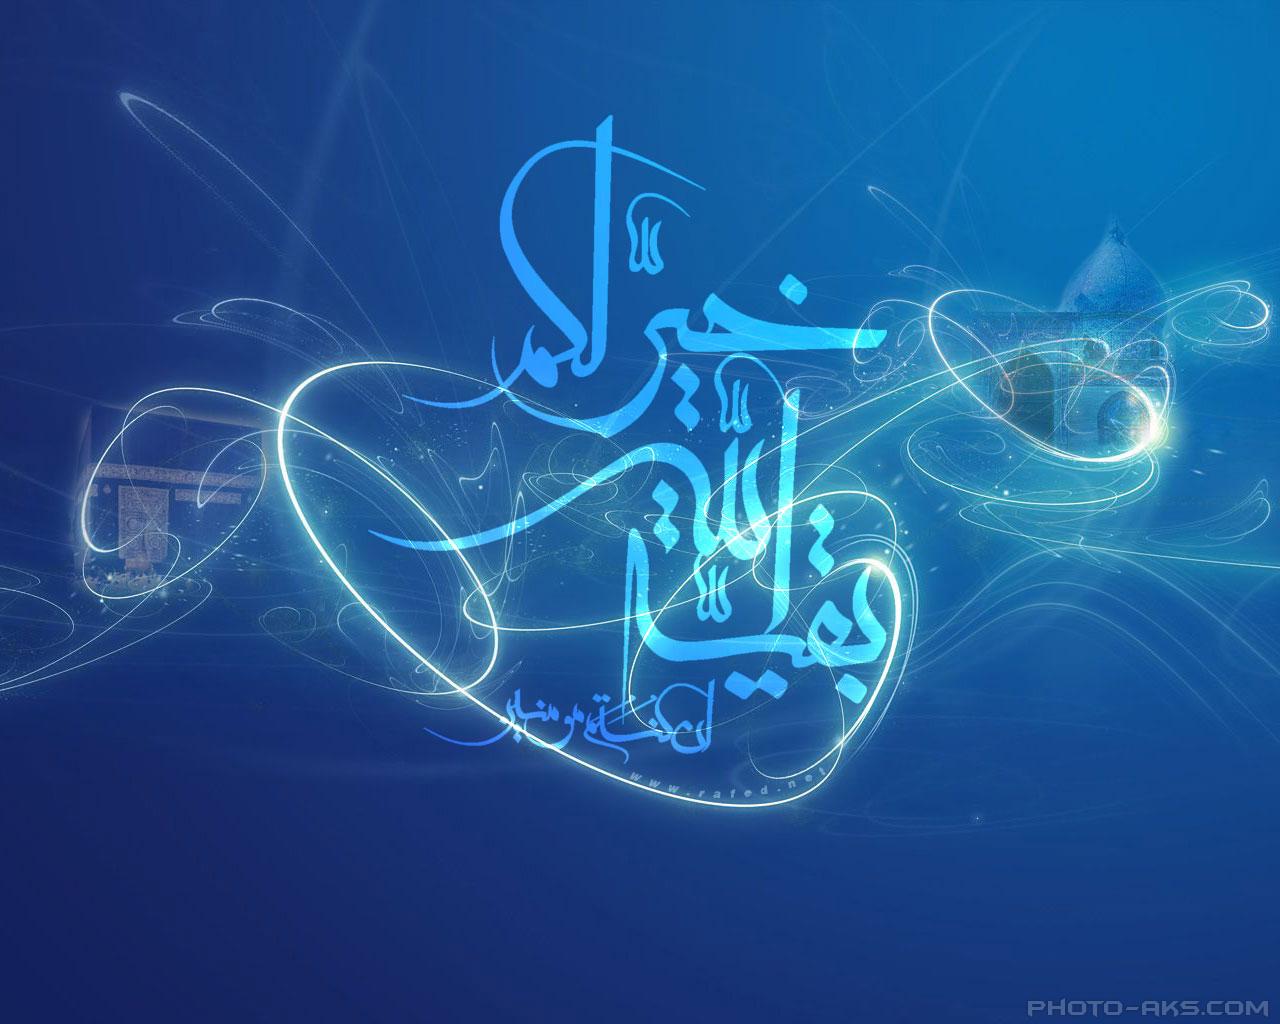 امام زمانہ اور قرآن و سنّت کا احیاء